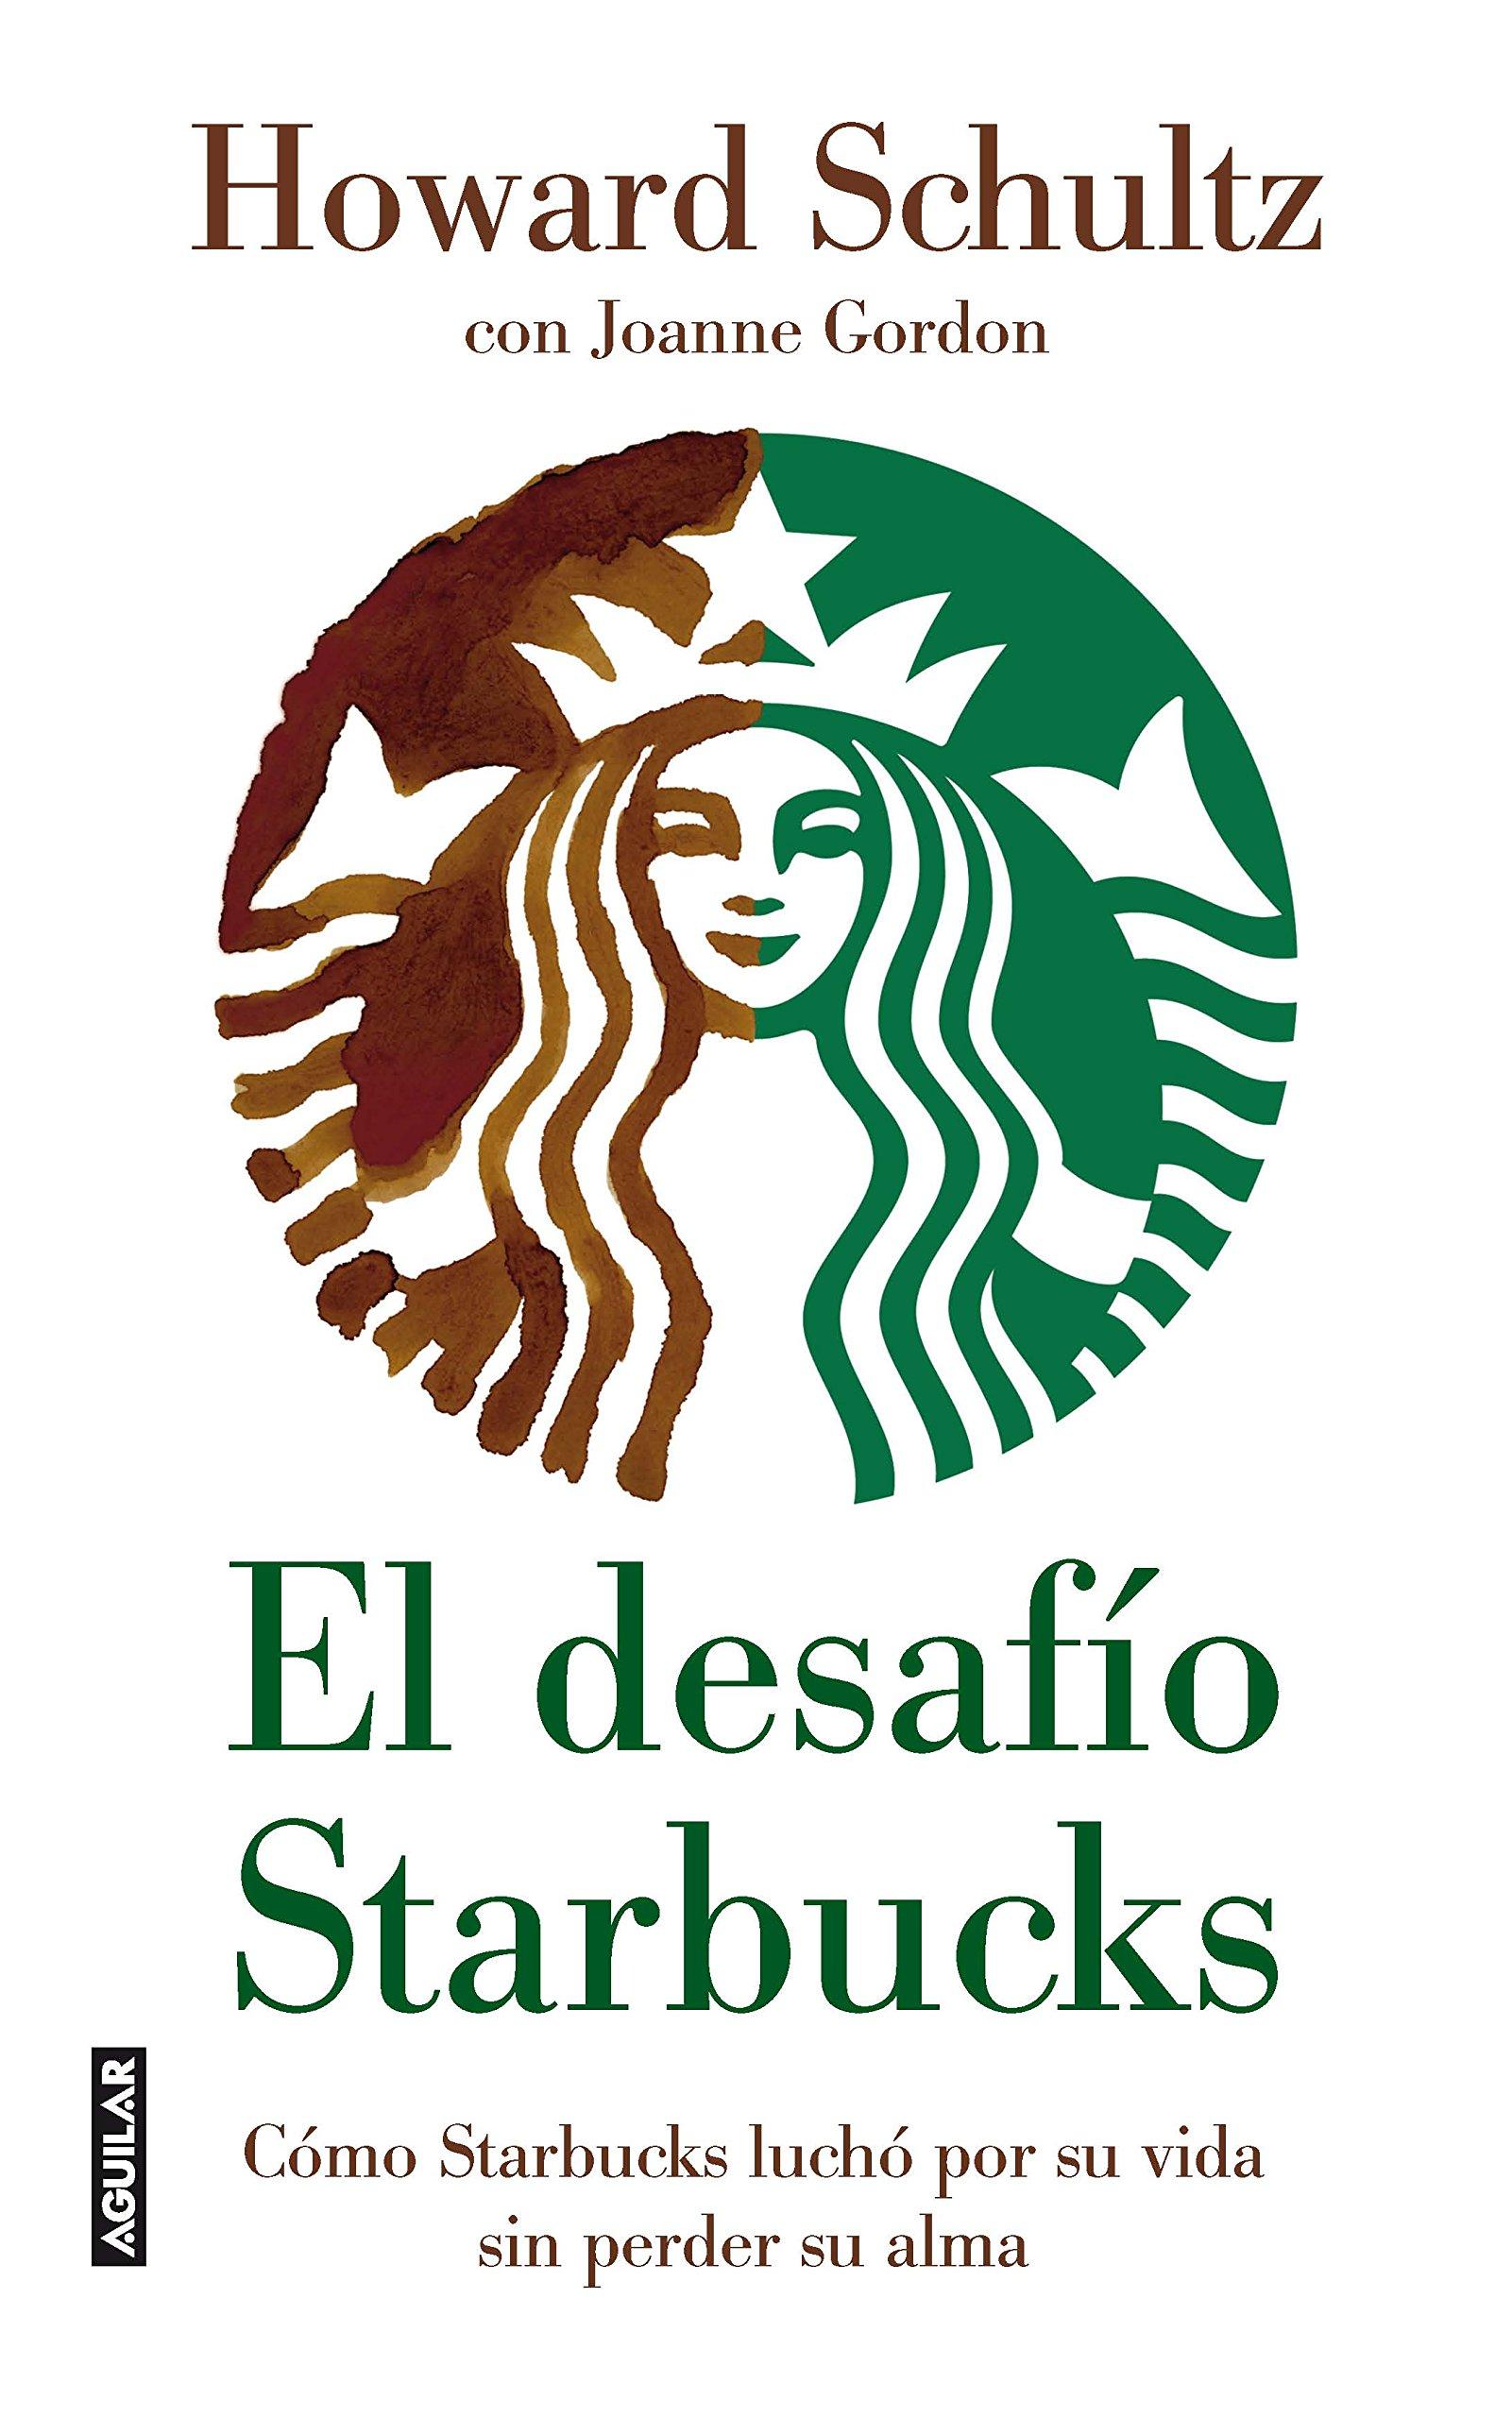 Read Online El desafio Starbucks: Como Starbucks lucho por su vida sin perder su alma (Onward: How Starbucks Fought for Its Life Without Losing Its Soul) (Spanish Edition) PDF